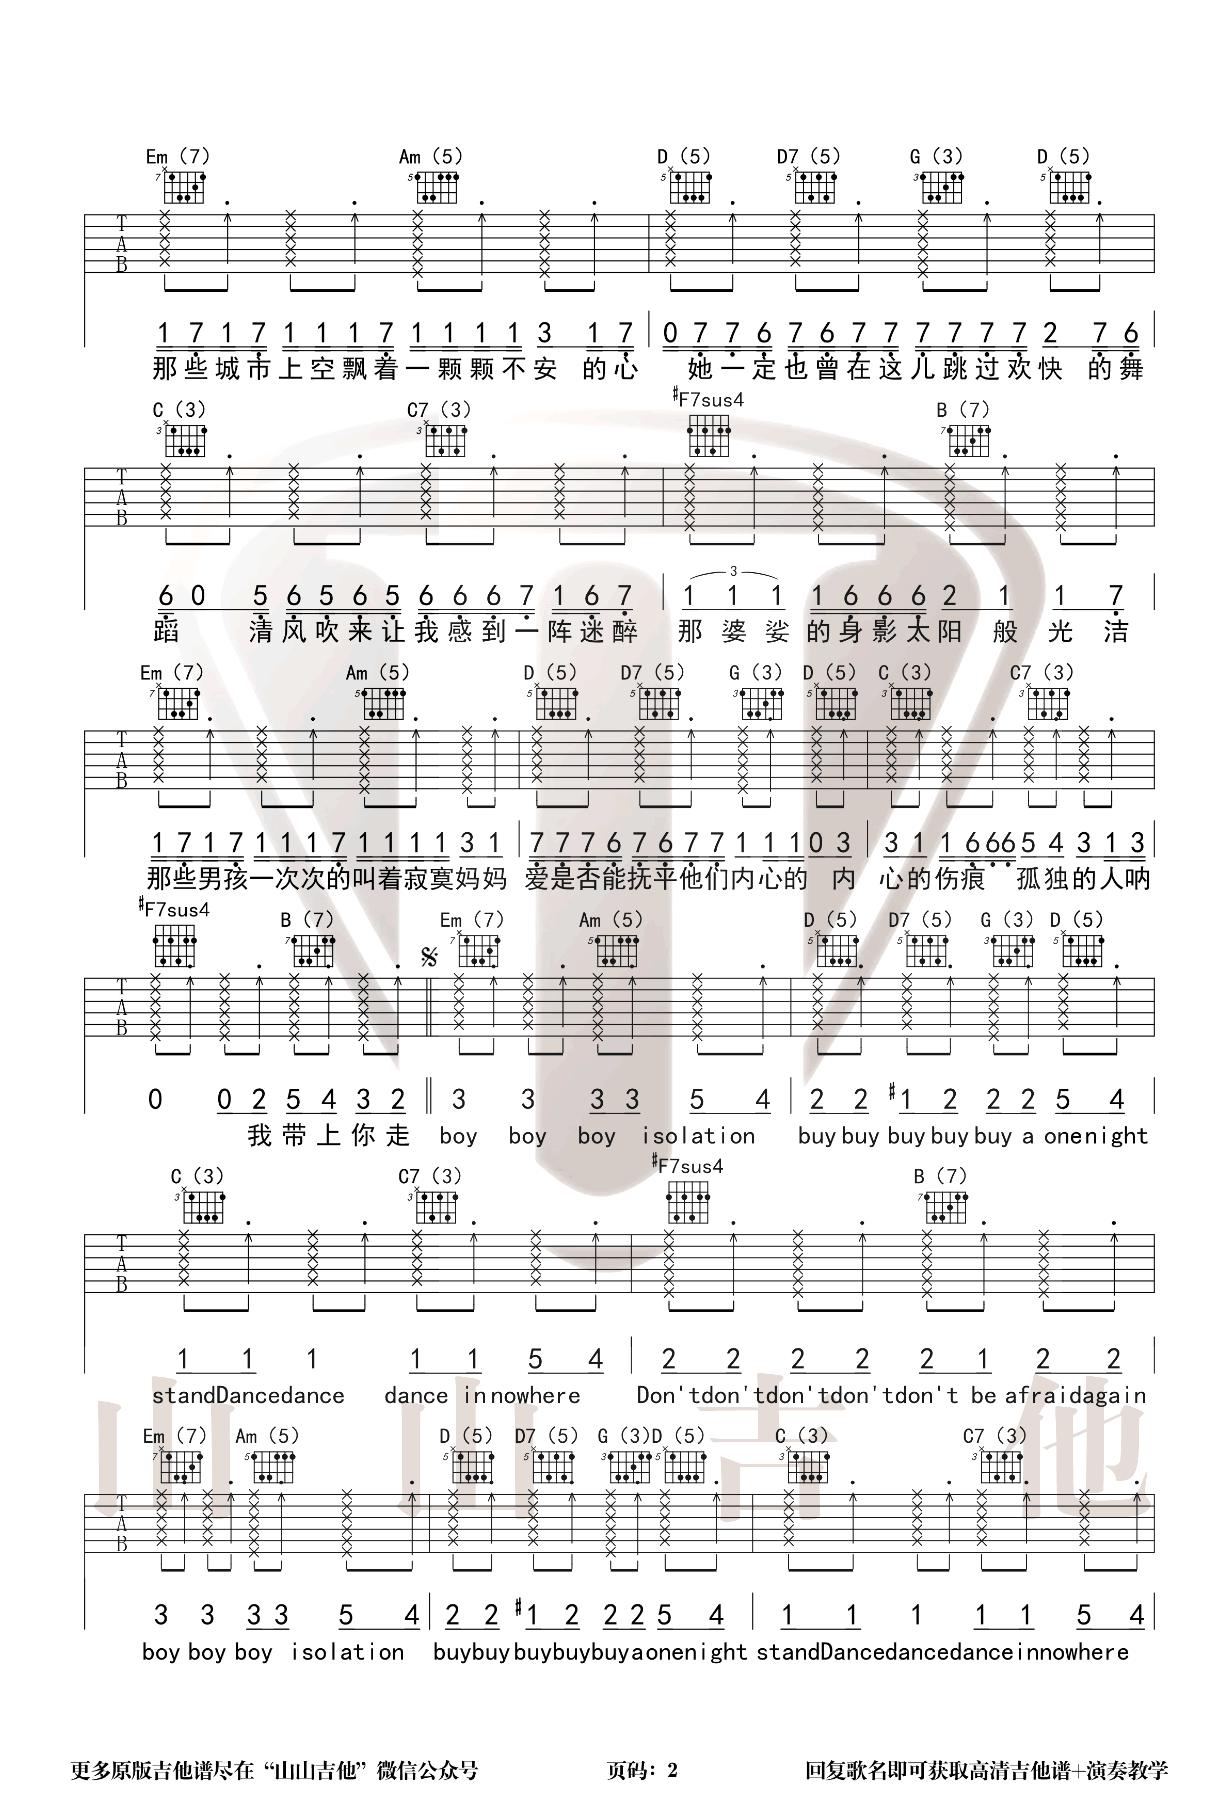 海龟先生《男孩别哭》吉他谱-2